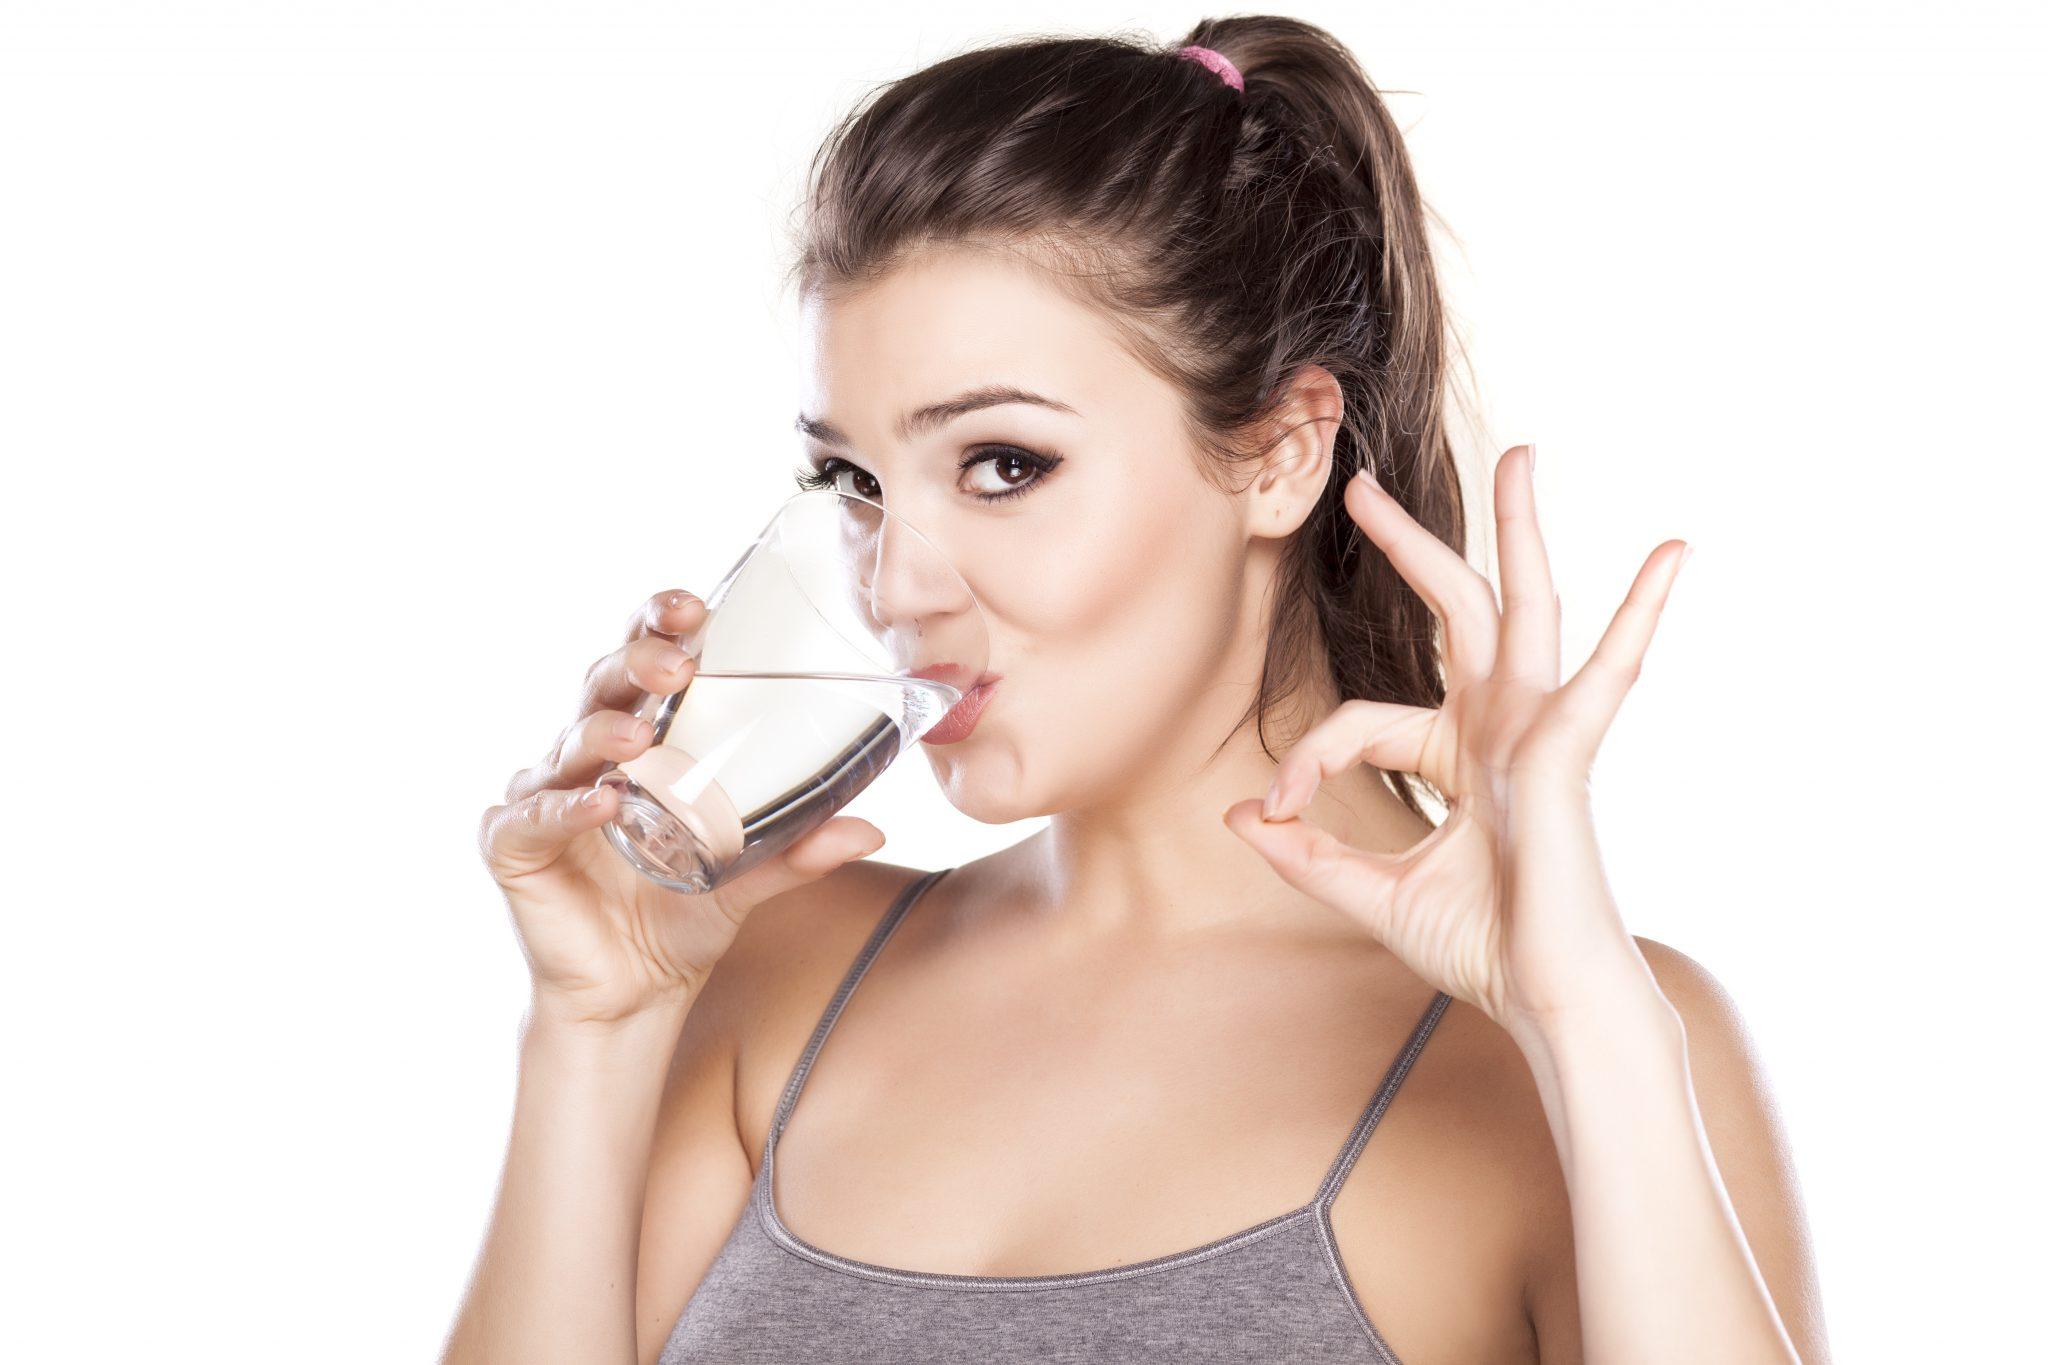 dekle pije vodo